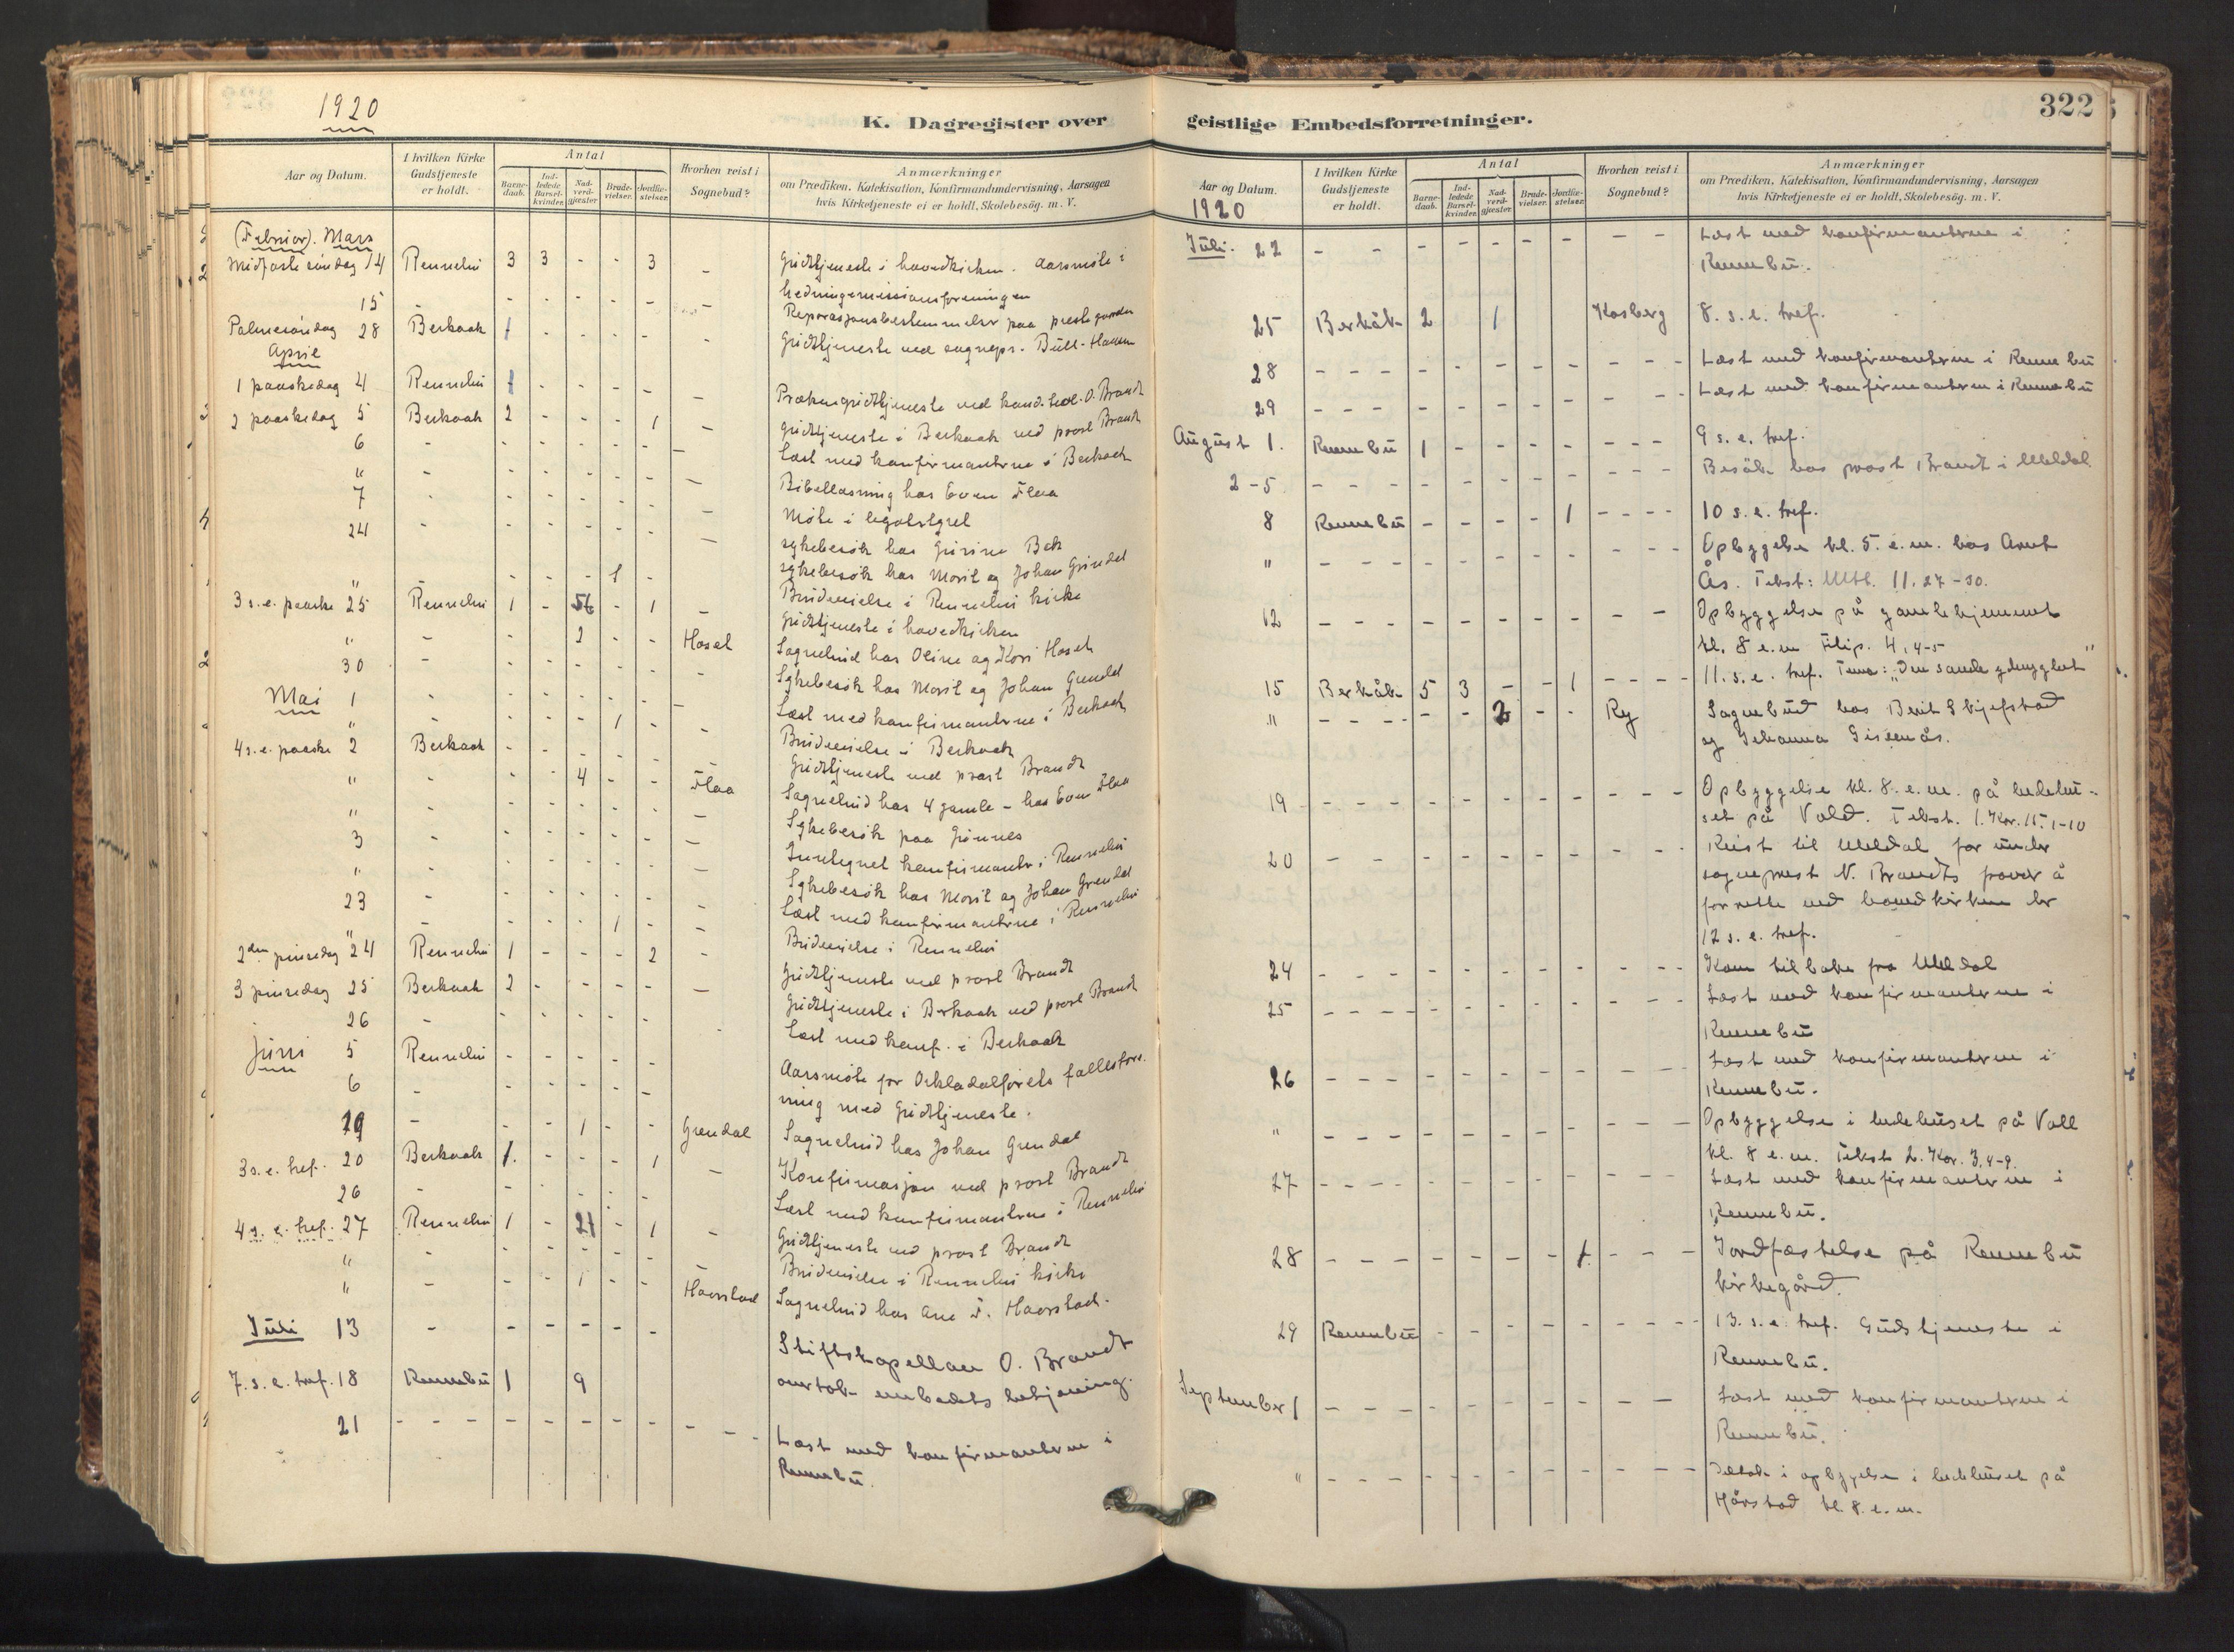 SAT, Ministerialprotokoller, klokkerbøker og fødselsregistre - Sør-Trøndelag, 674/L0873: Ministerialbok nr. 674A05, 1908-1923, s. 322